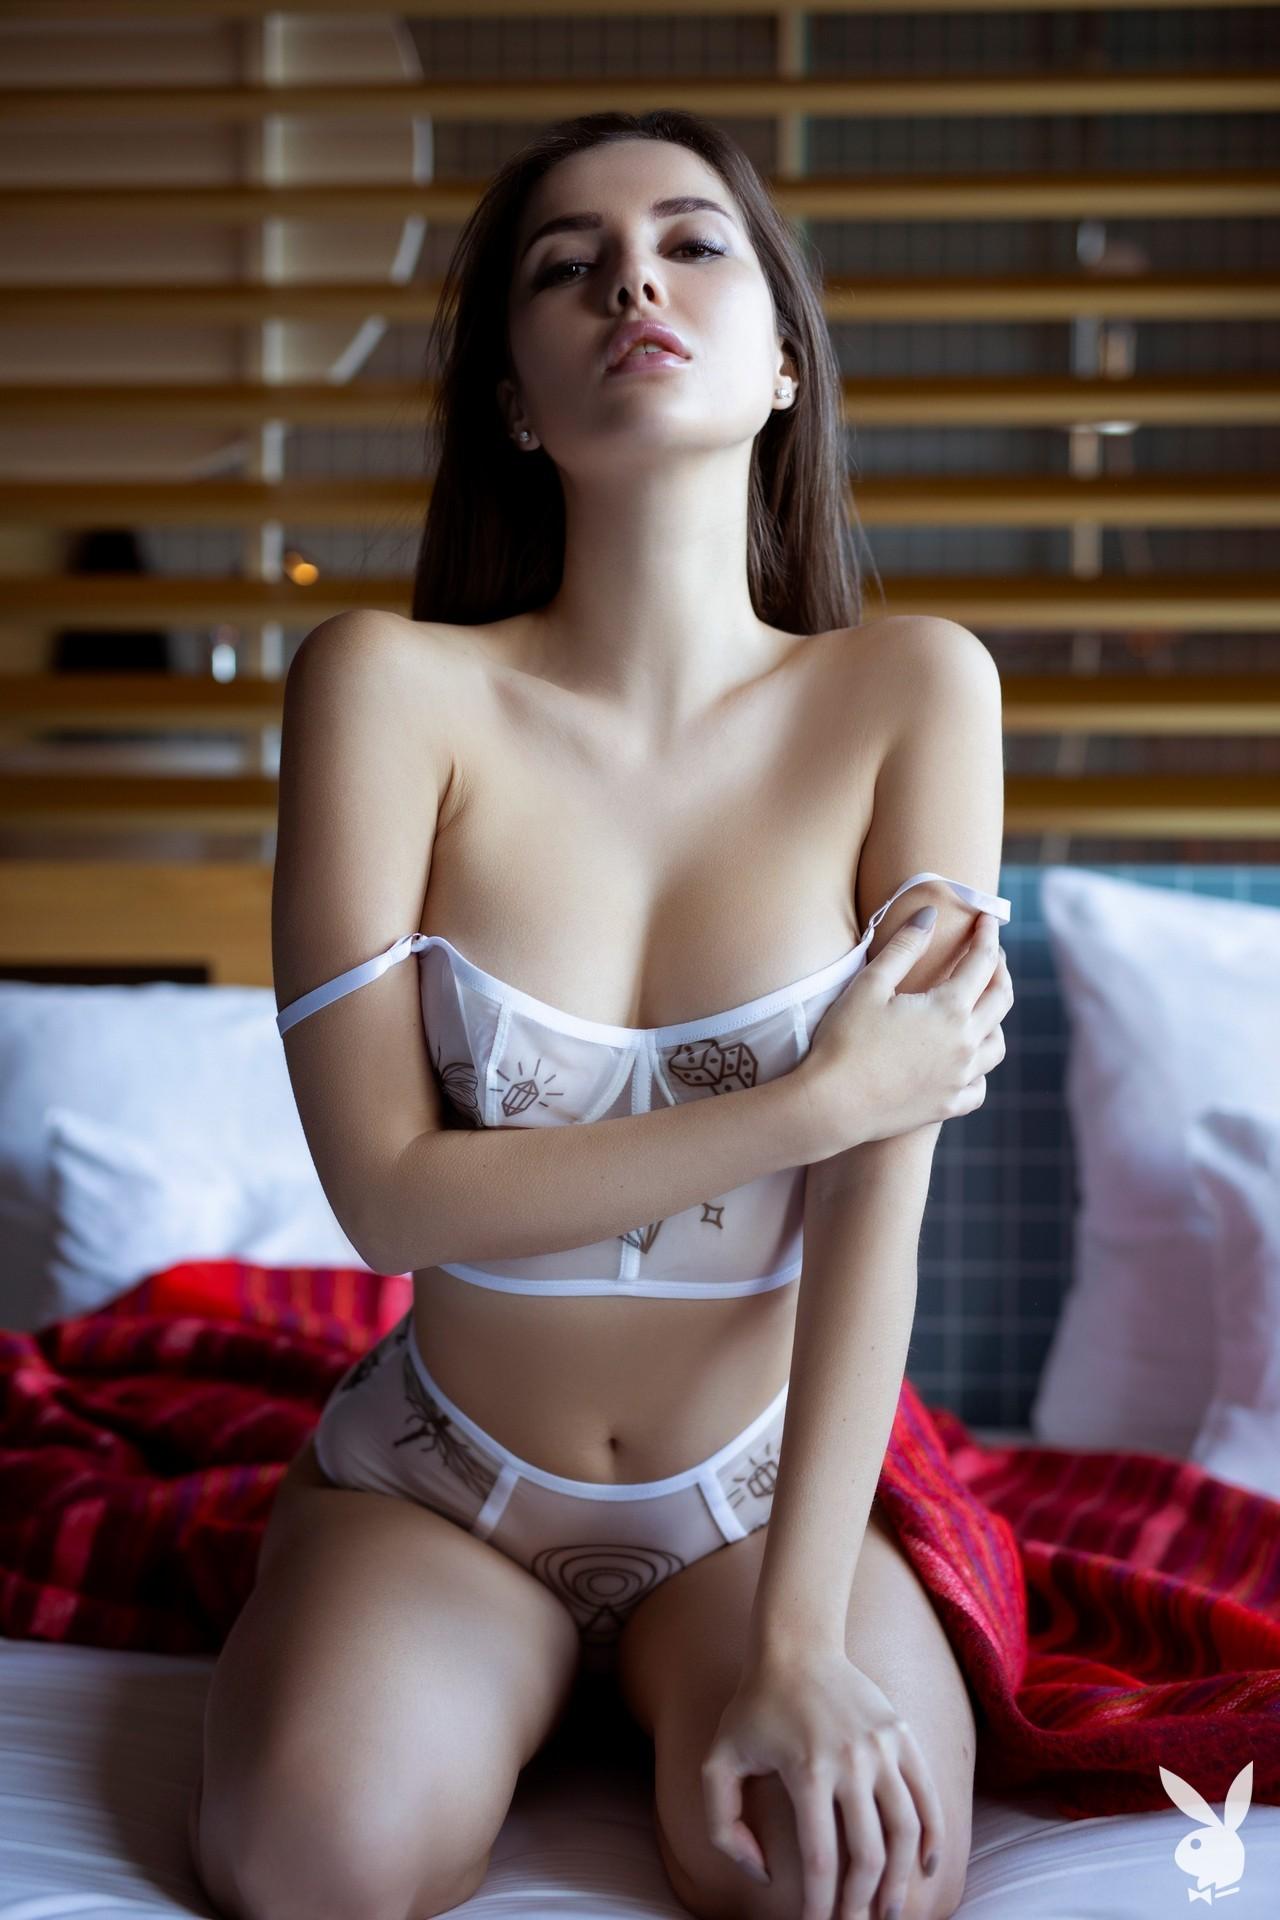 Marina Nelson - Playboy photoshoot